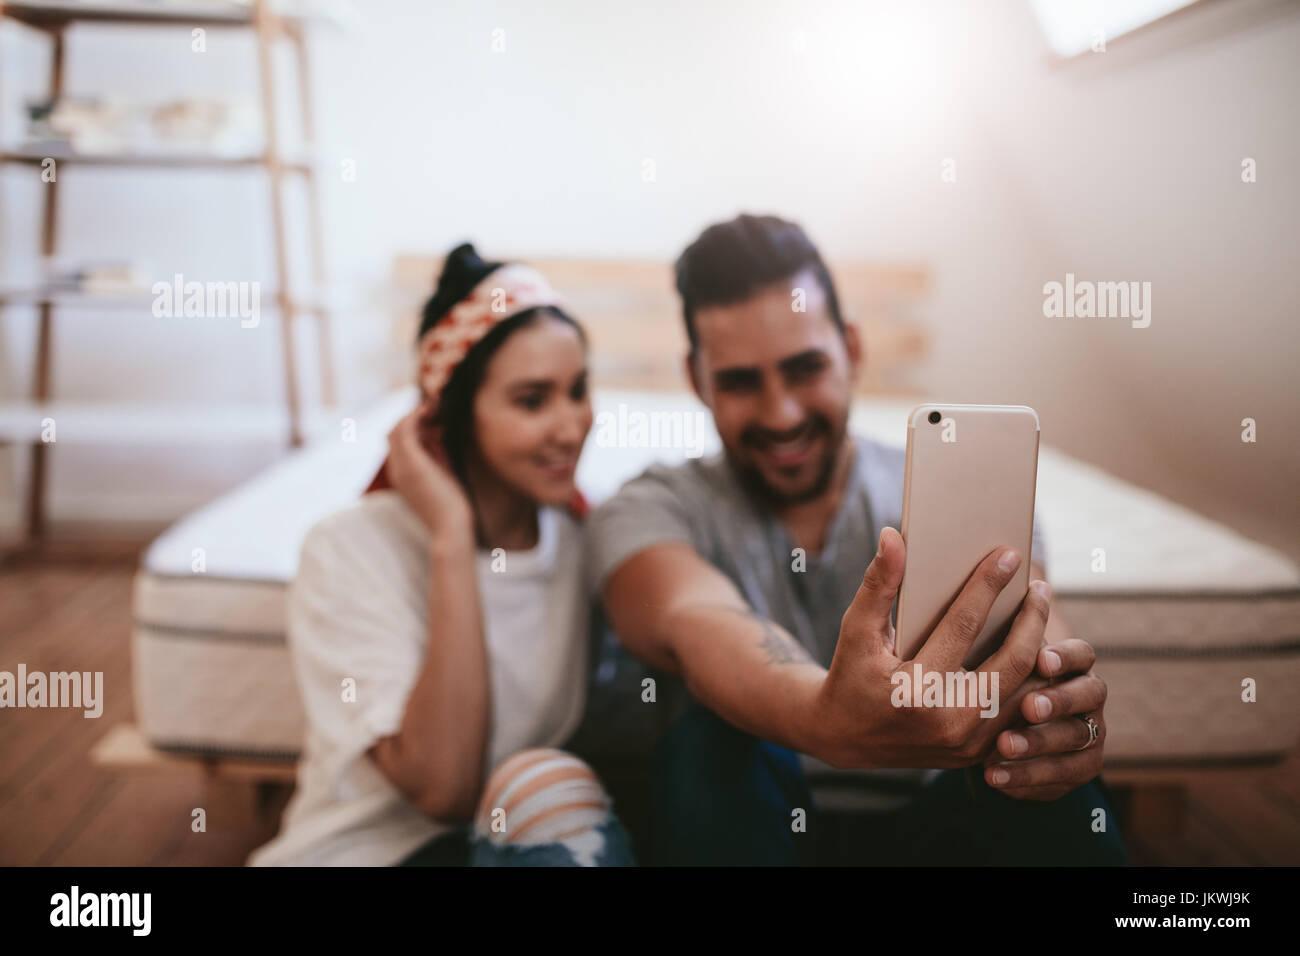 Foto de pareja joven sentada en su casa y teniendo selfie con teléfono móvil. Se centran en el teléfono Imagen De Stock